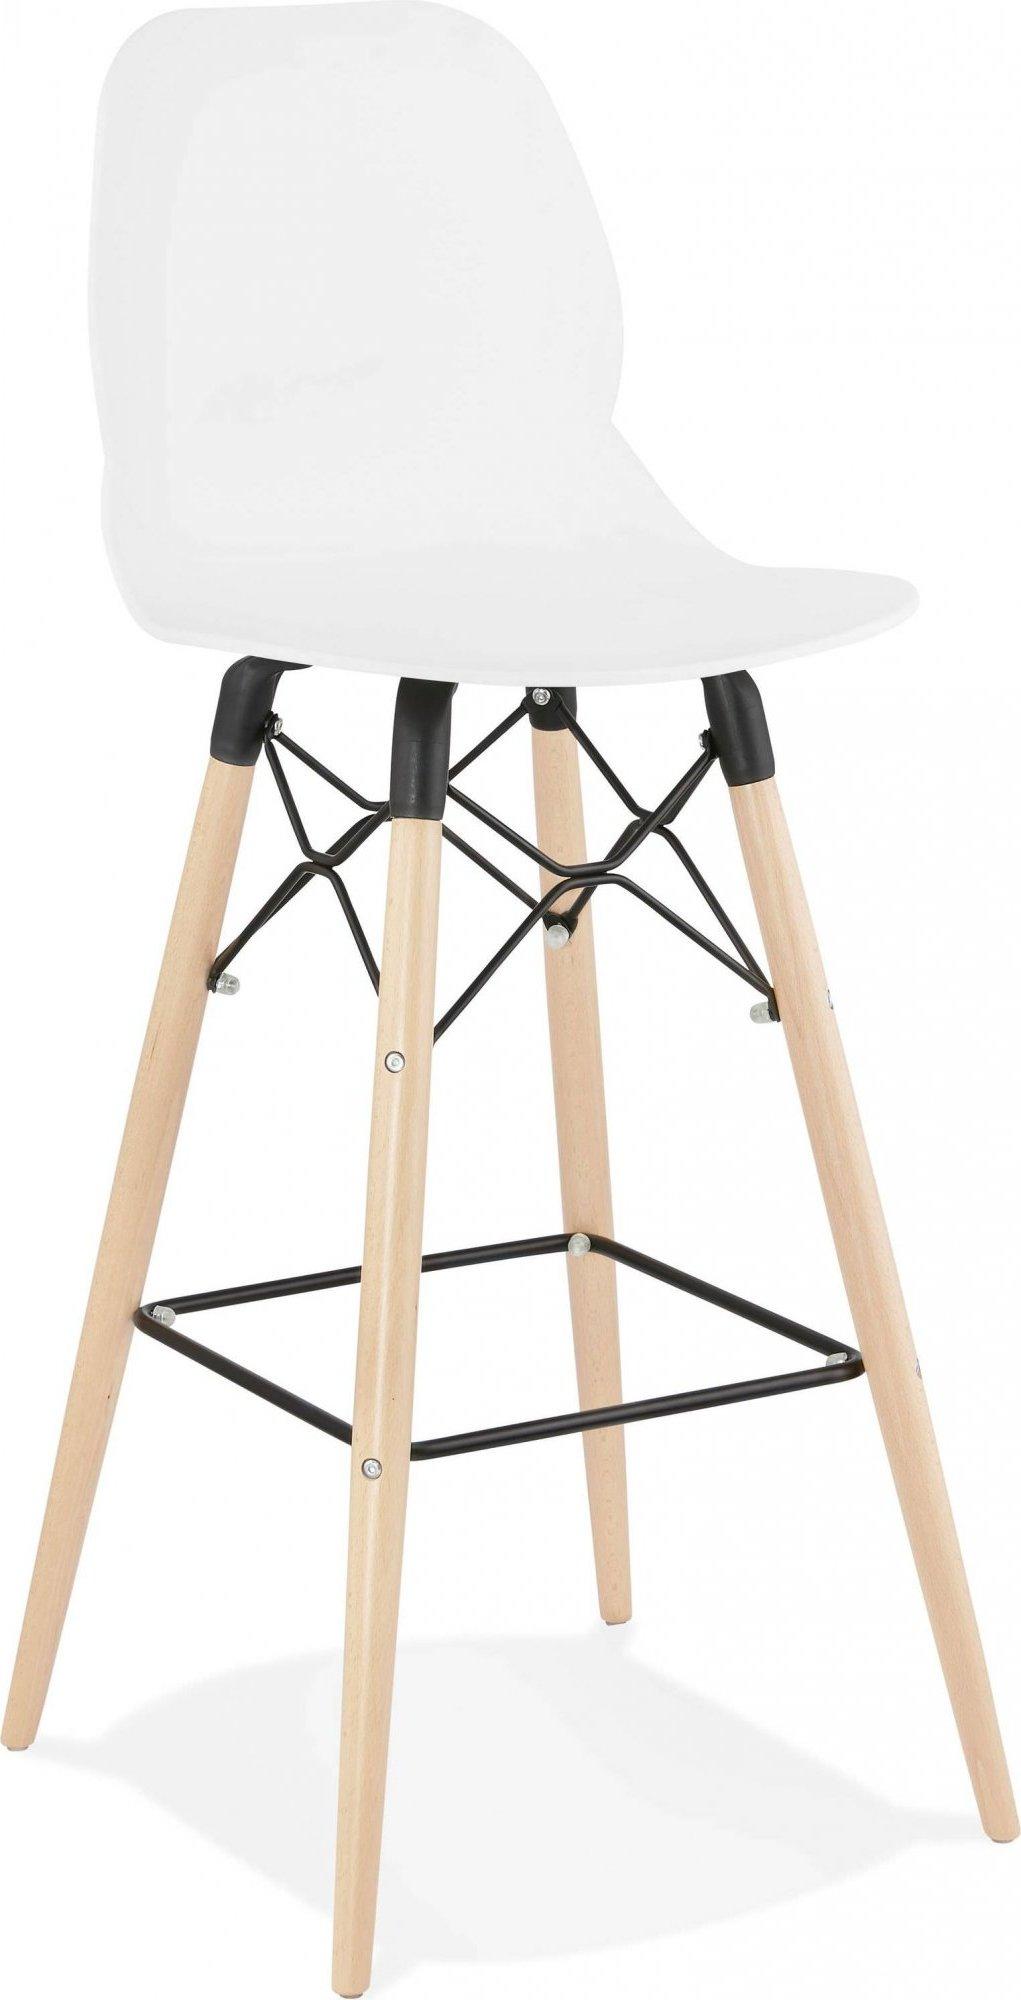 Tabouret de bar blanc pieds bois et métal h111cm